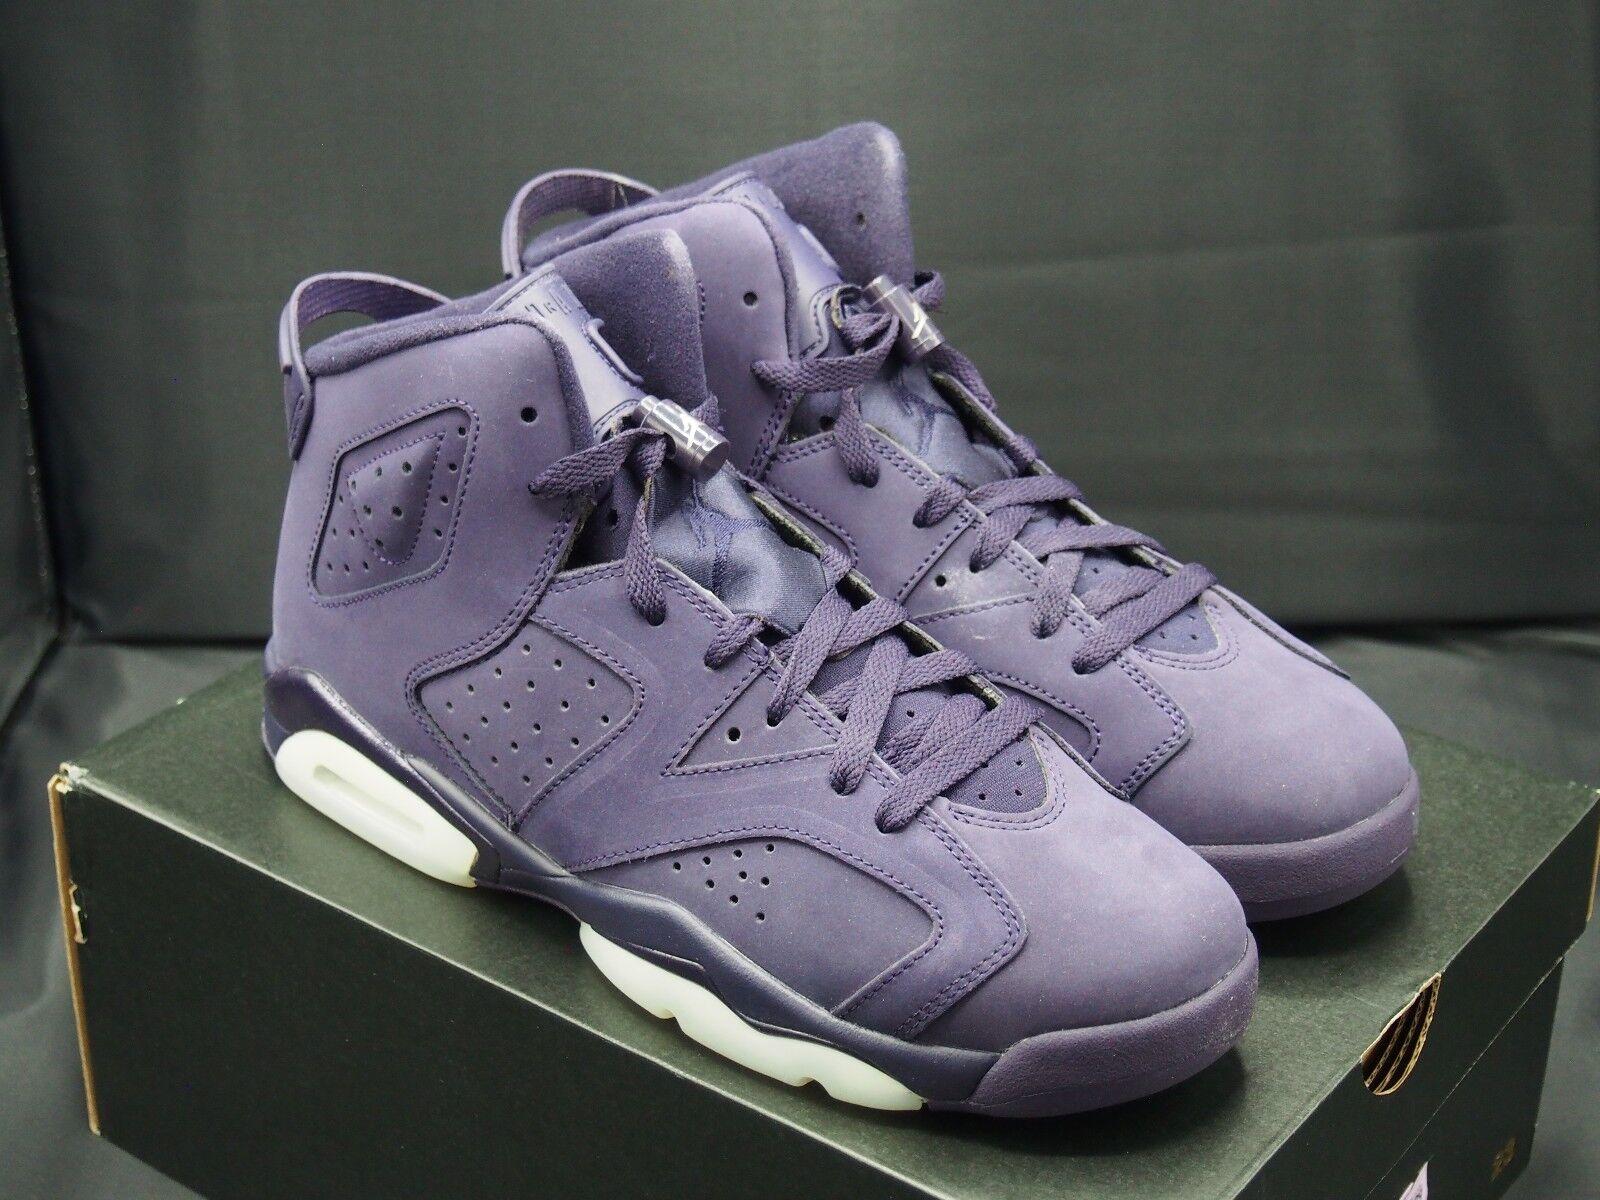 Nike air jordan vi dinastia dimensioni 543390-509 6 retrò viola